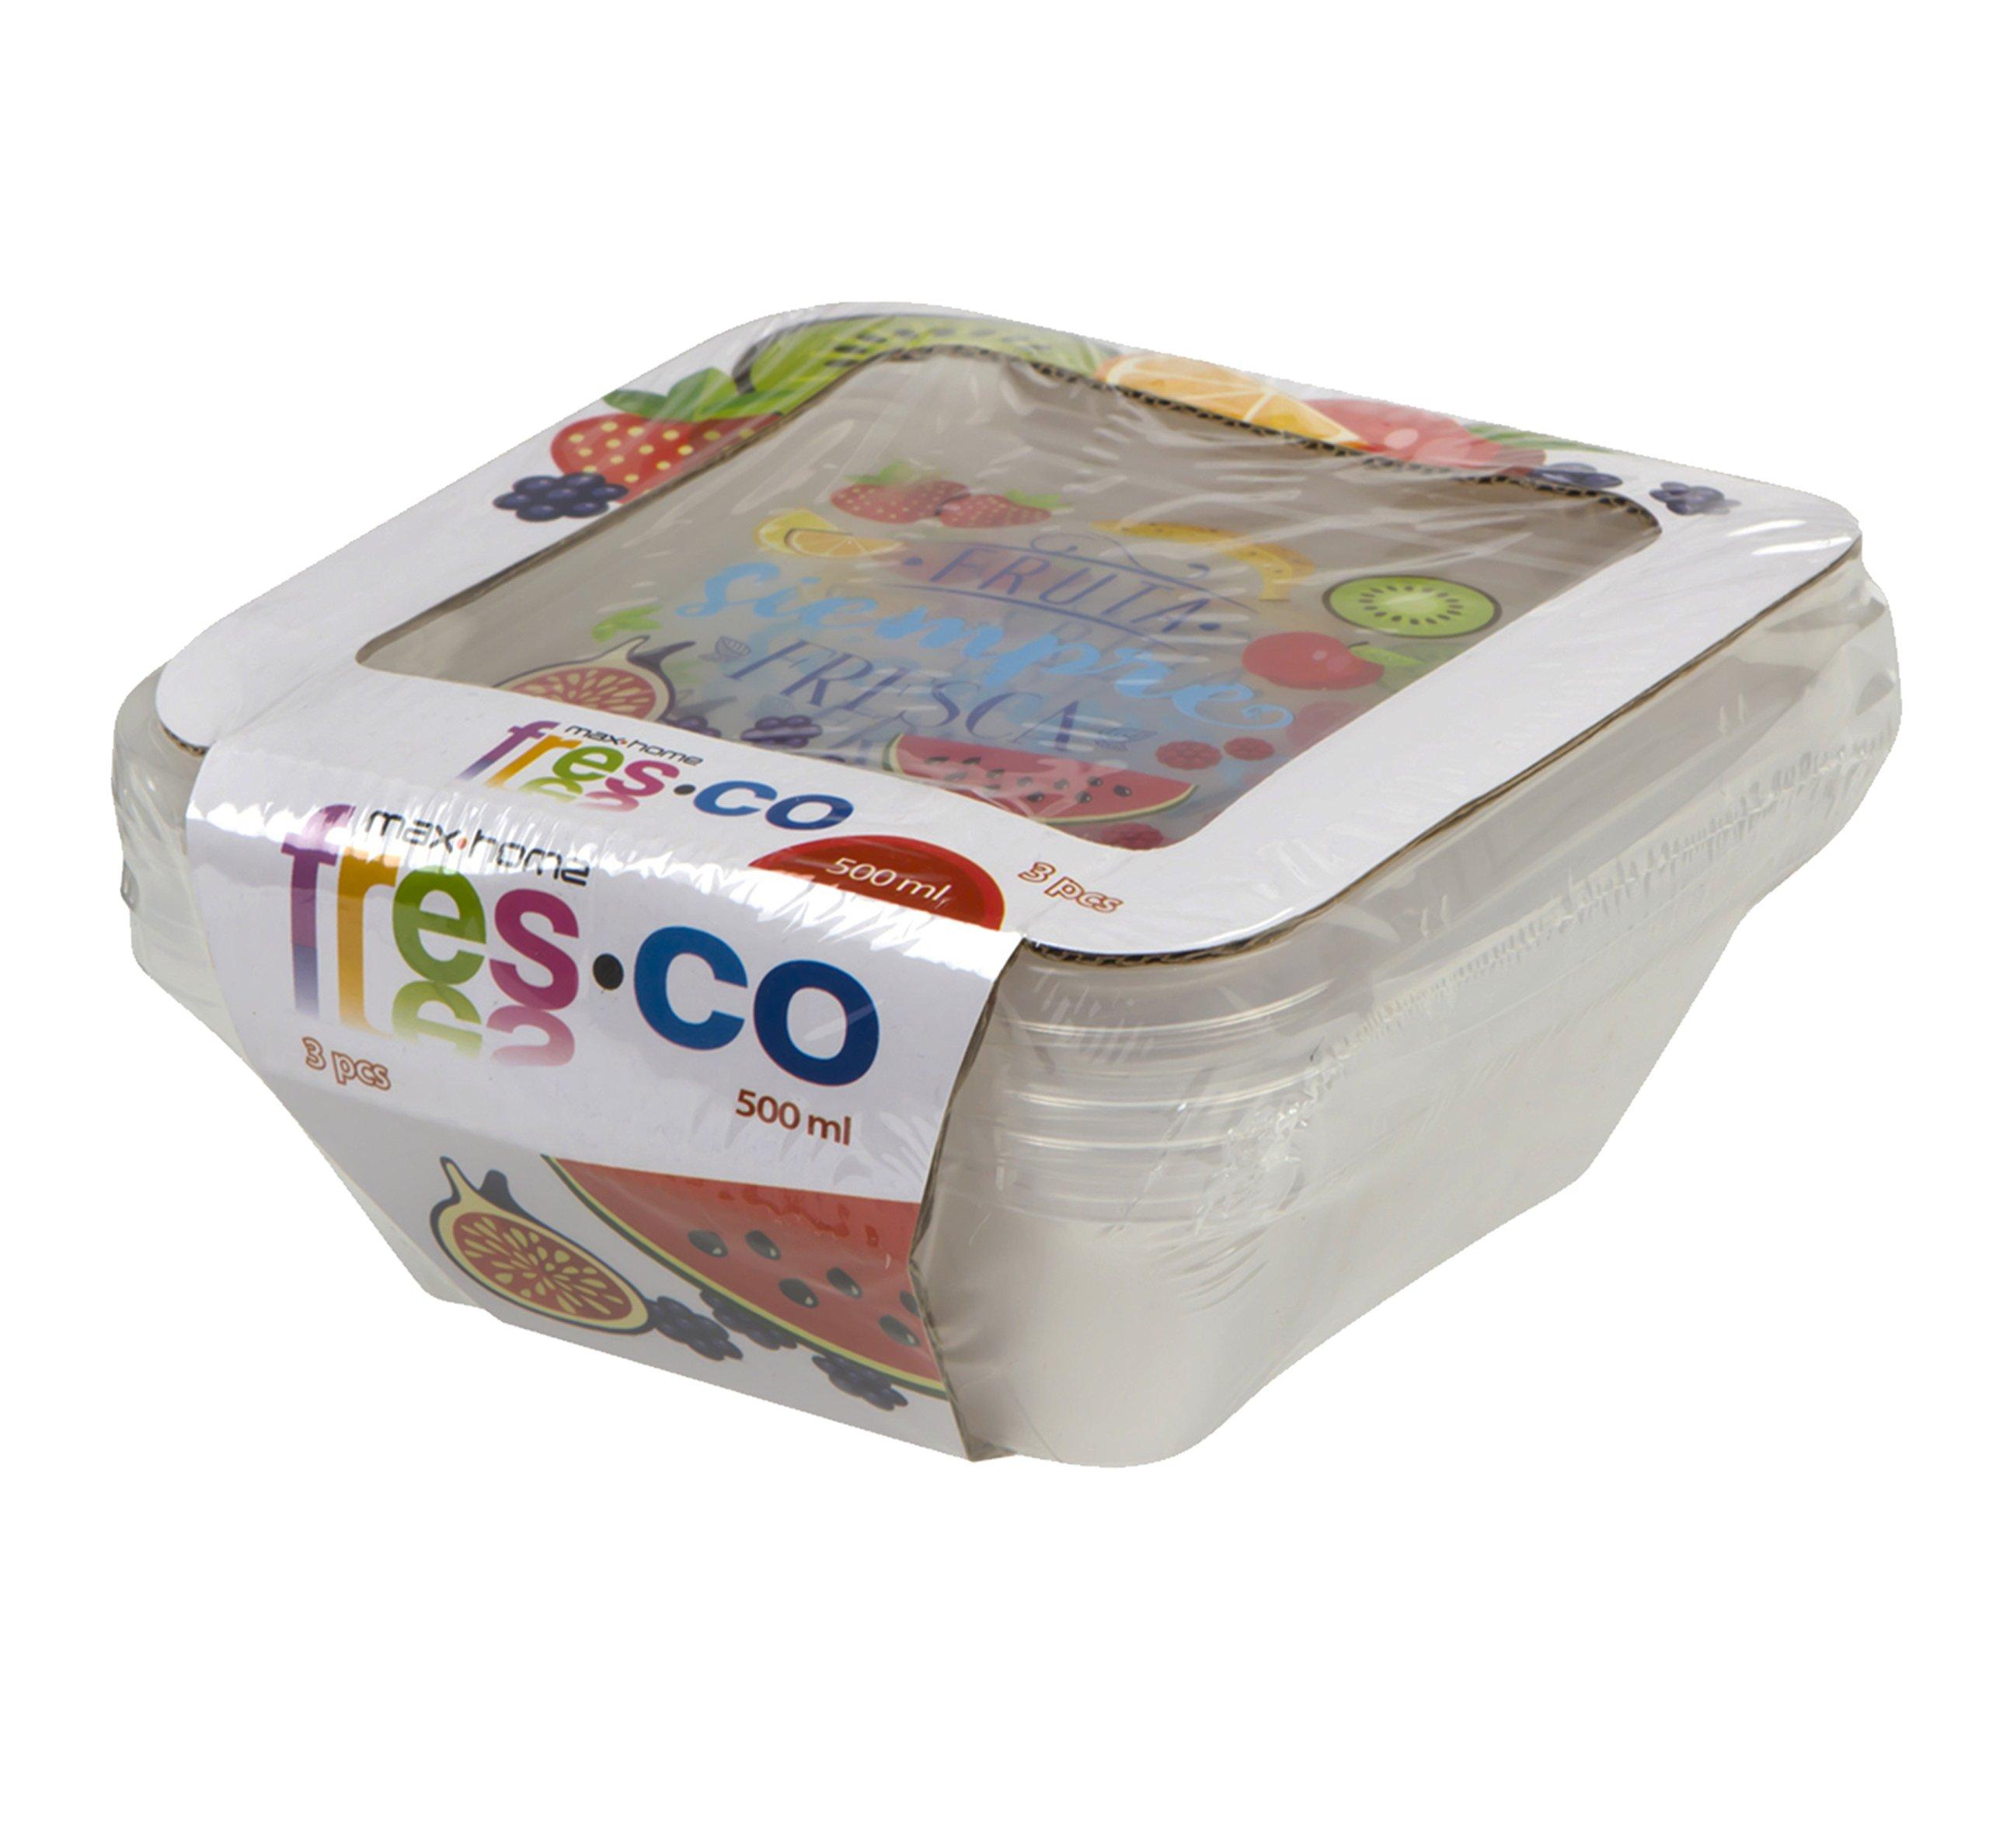 Color Baby- Fruta Fresca Pack con 3 Fiambreras (16383.0): Amazon.es: Juguetes y juegos